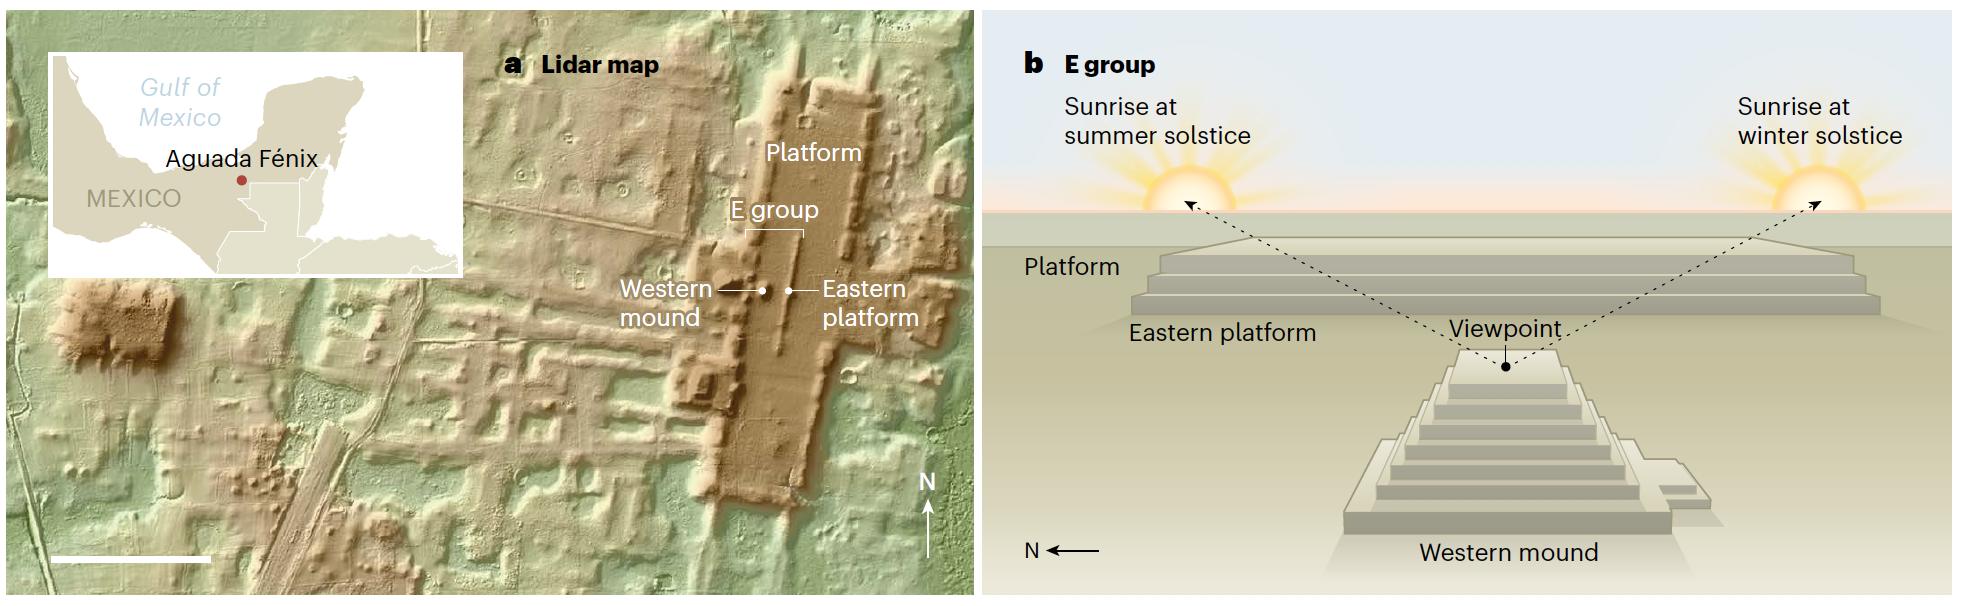 À esquerda: mapa 3D criado com dados de Lidar. À direita: ilustração mostra uma estrutura monumental e como ela provavelmente era usada. Crédito: Nature News & Views